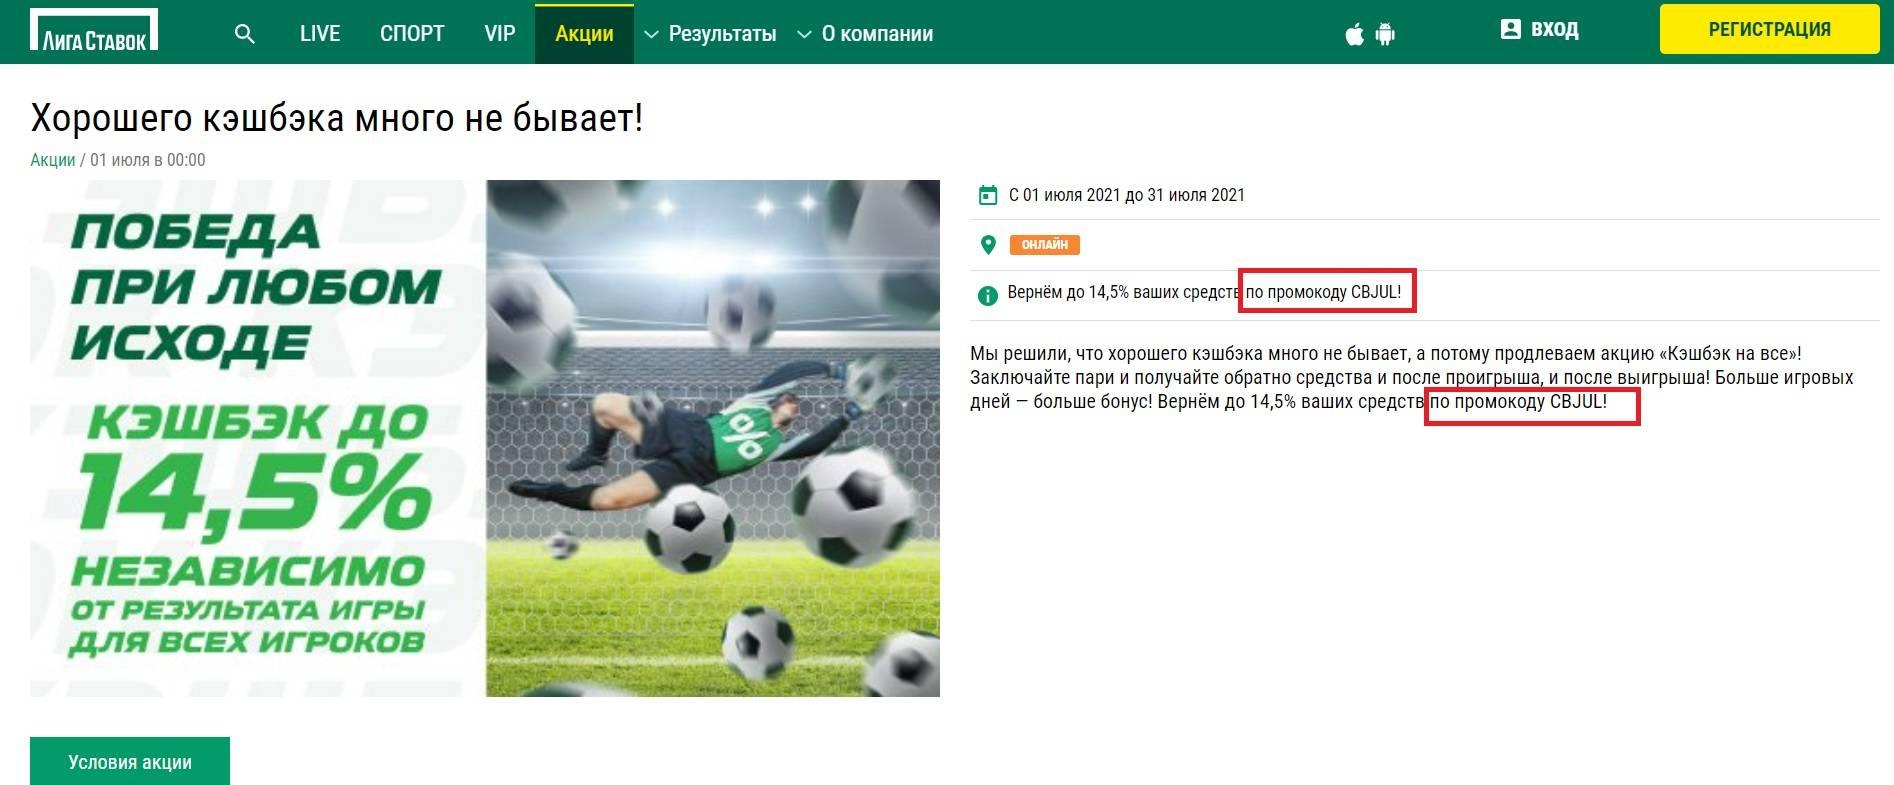 rabochij besplatnyj aktualnyj promokod BK Liga Stavok ru